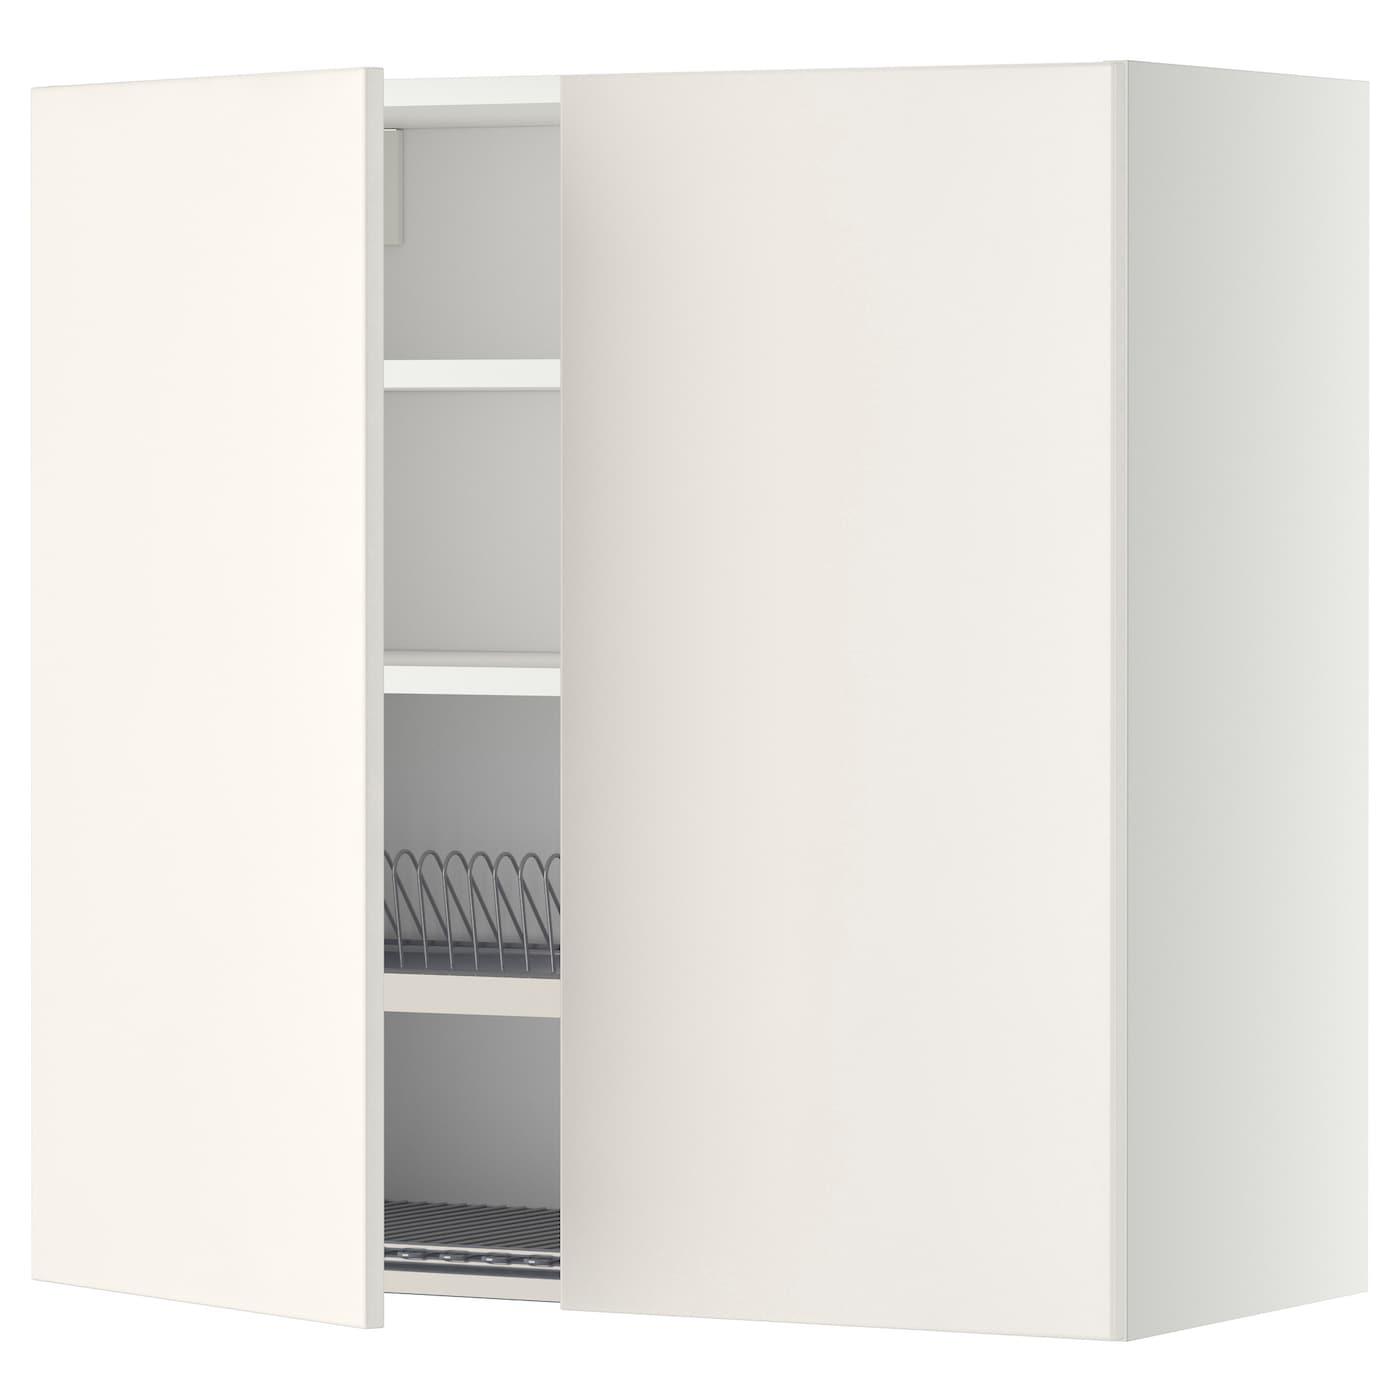 METOD Wandschrank mit Abtropfgestell - weiß, Veddinge weiß, 60x80 cm ...